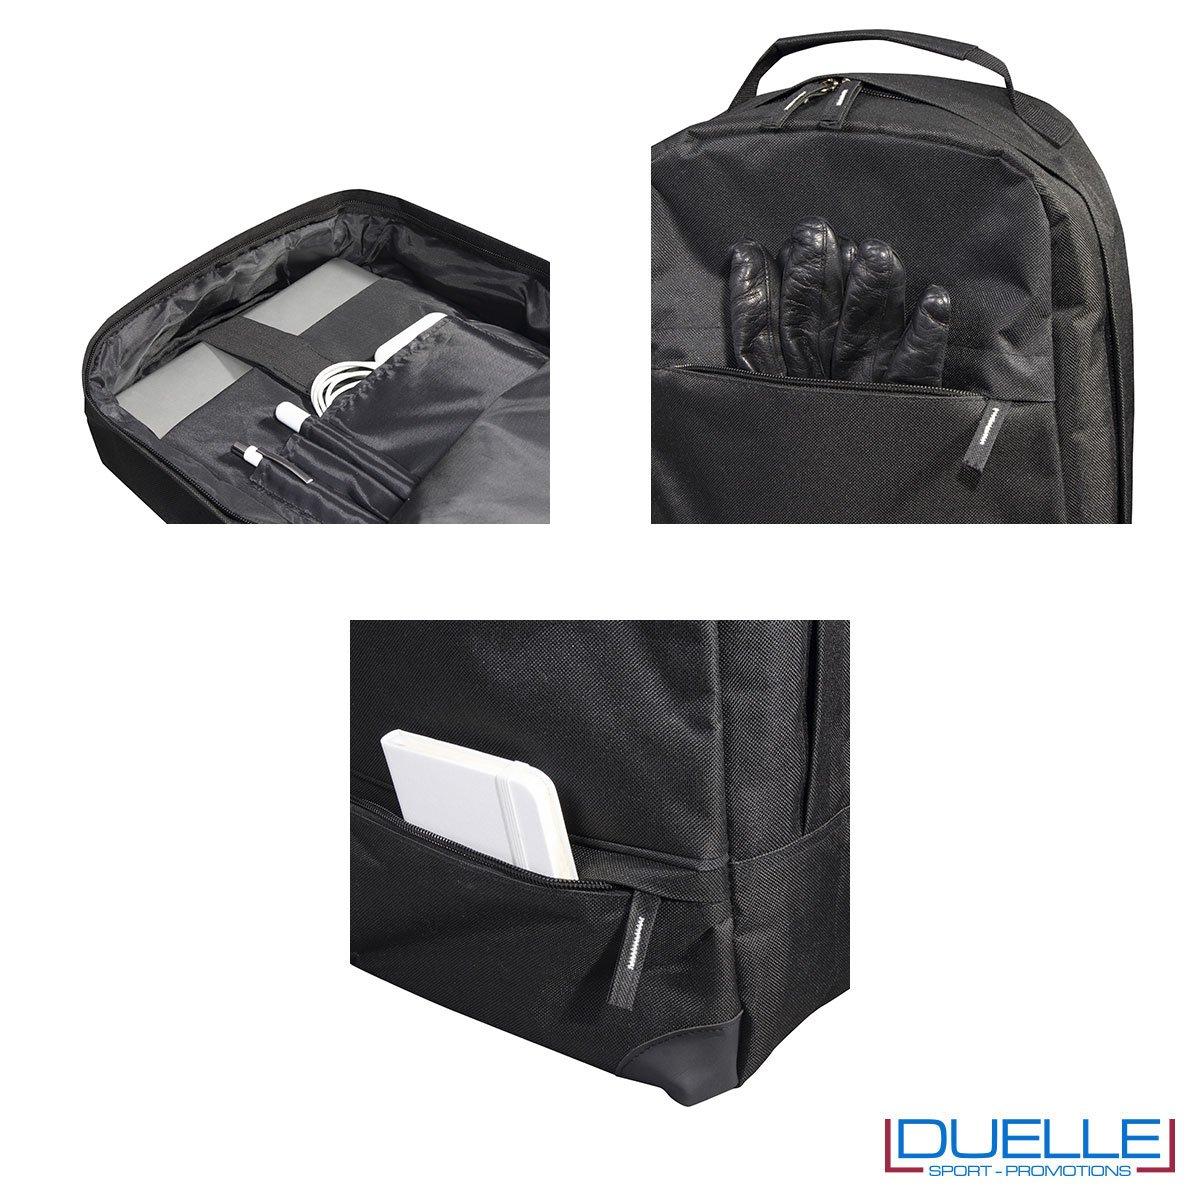 Dettagli zaino porta pc personalizzato colore nero